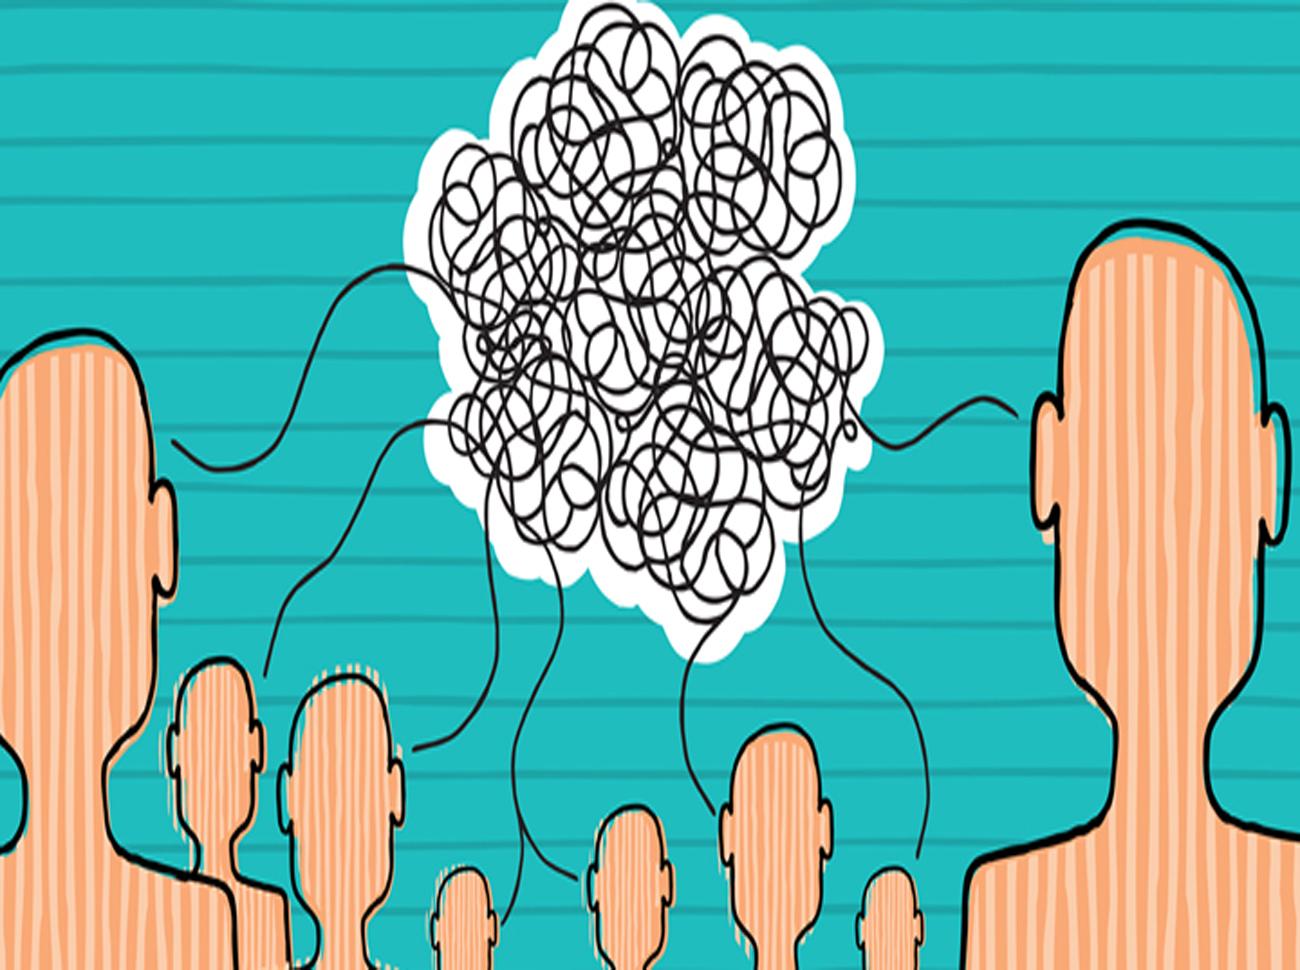 Kurumsal İletişimde Topyekün Sınıfta Mı Kaldık?